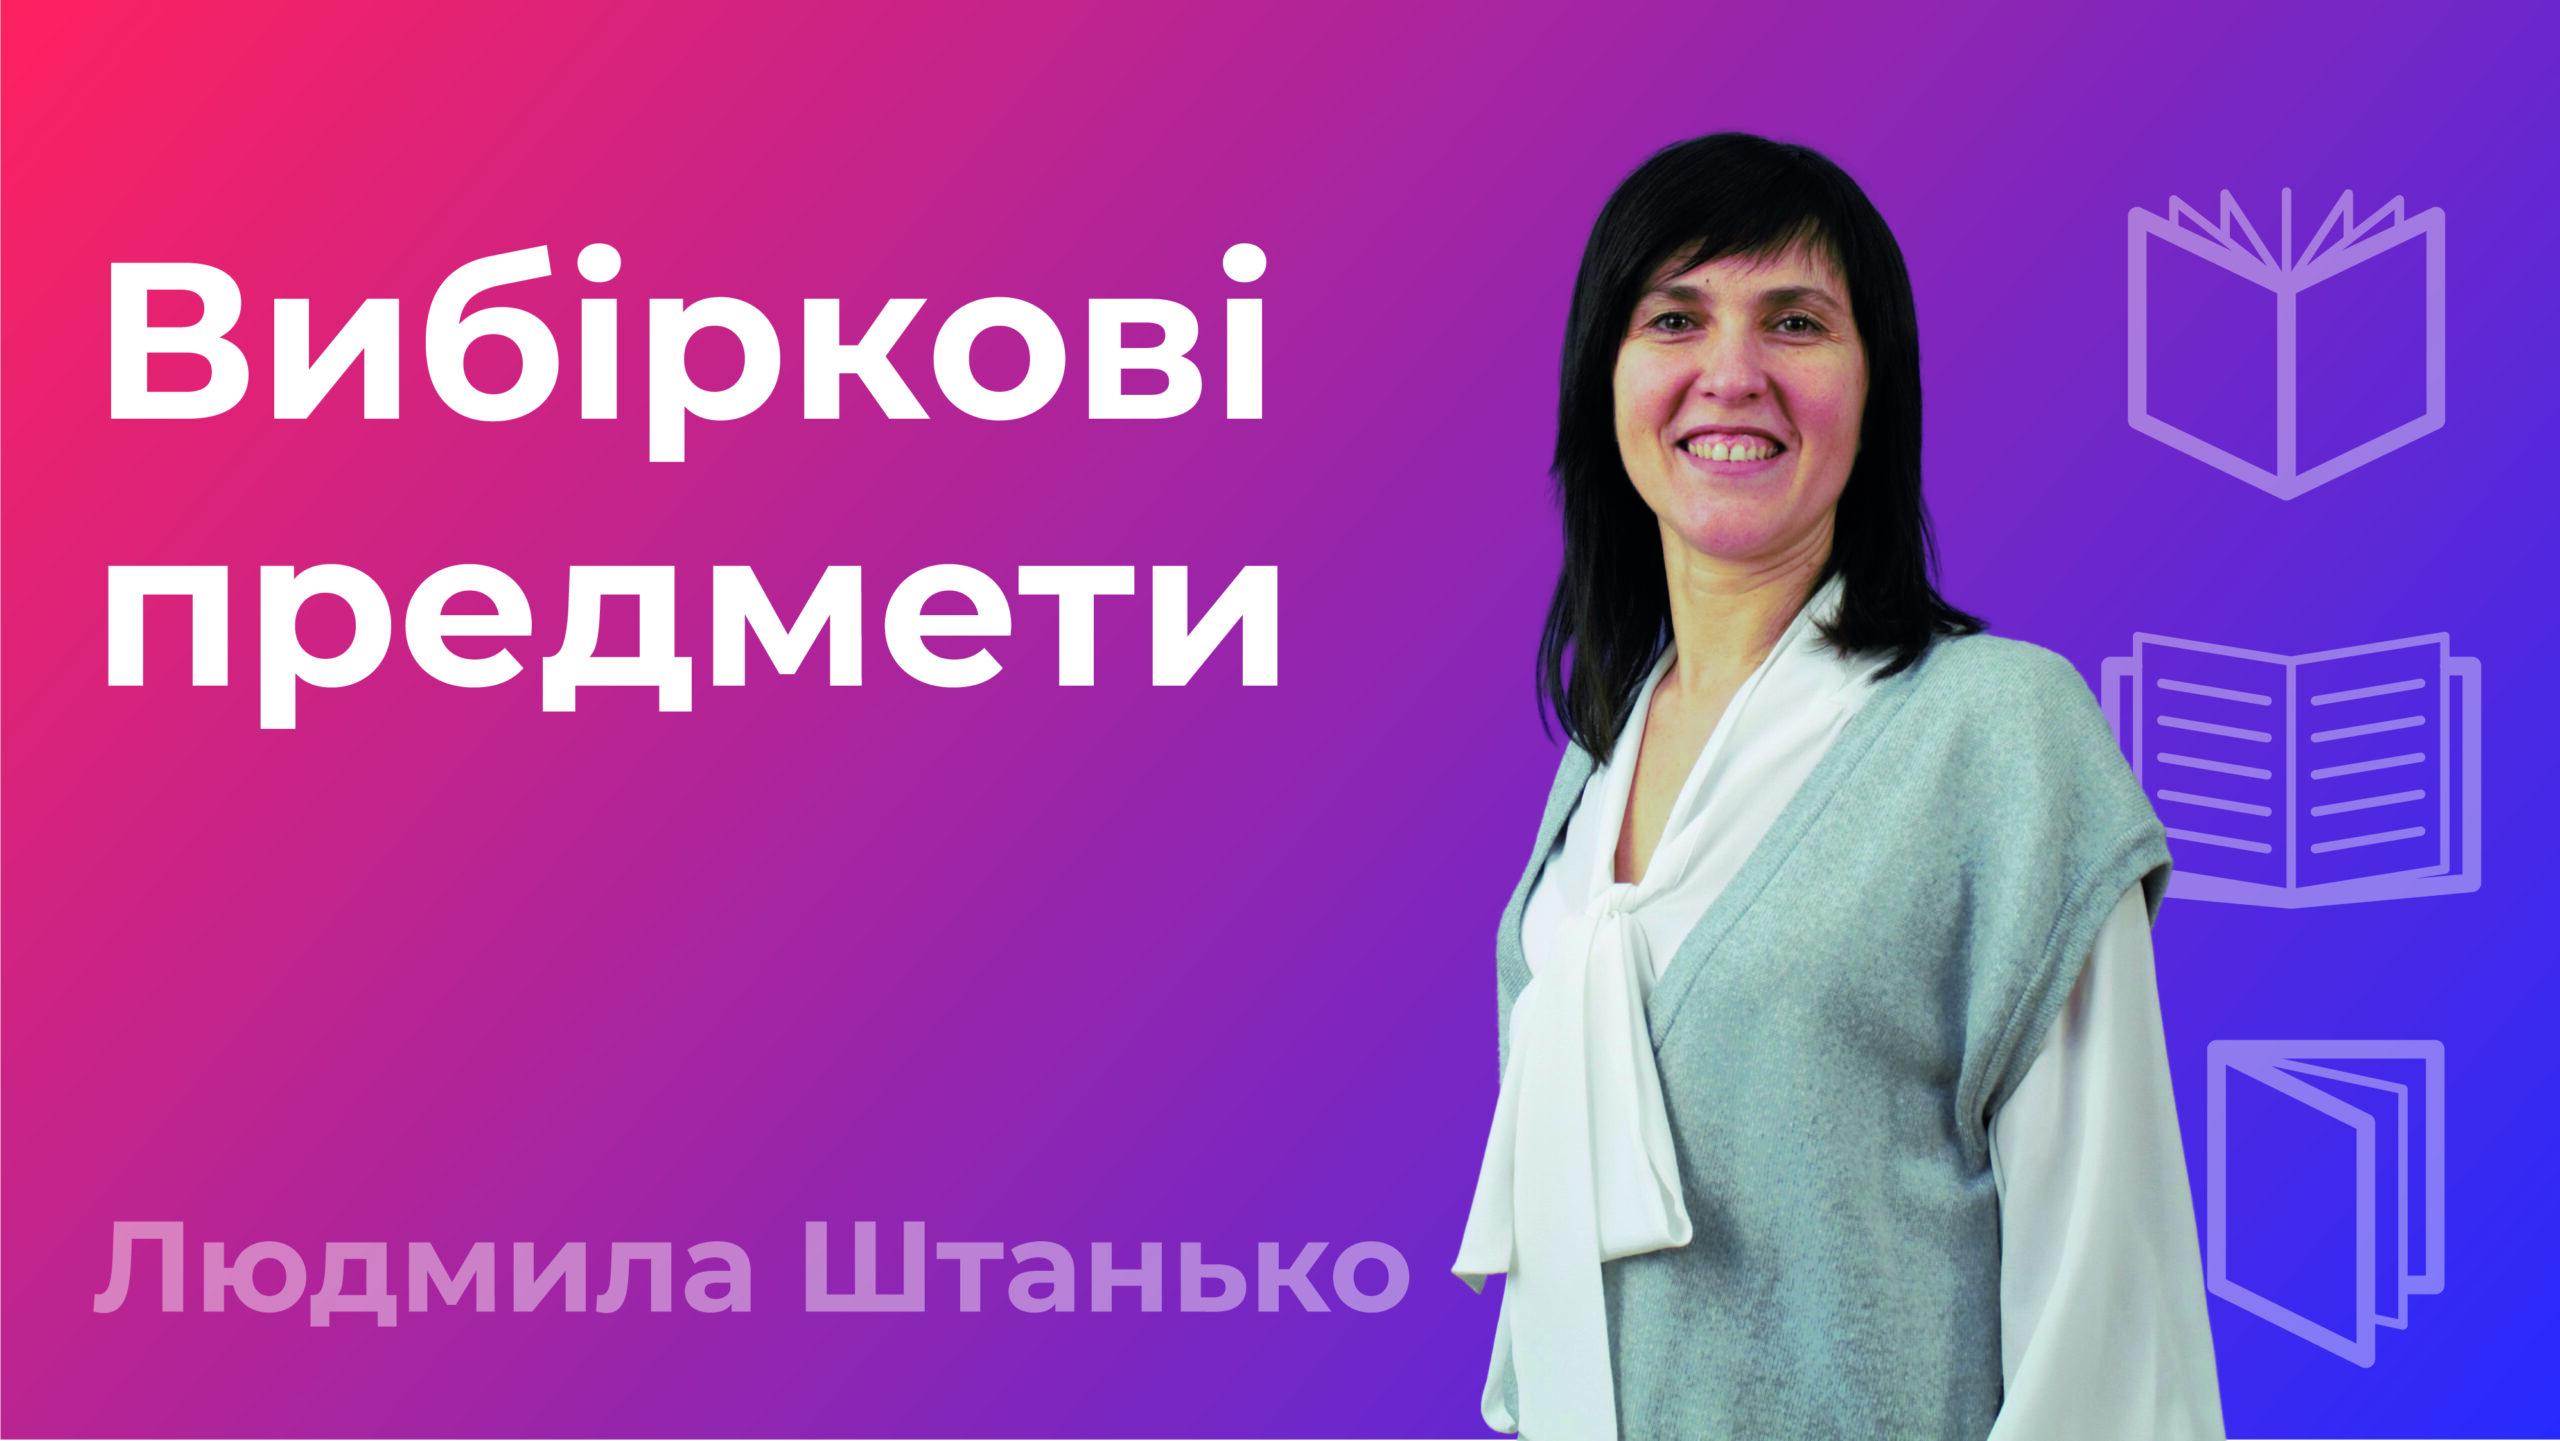 Штанько-01